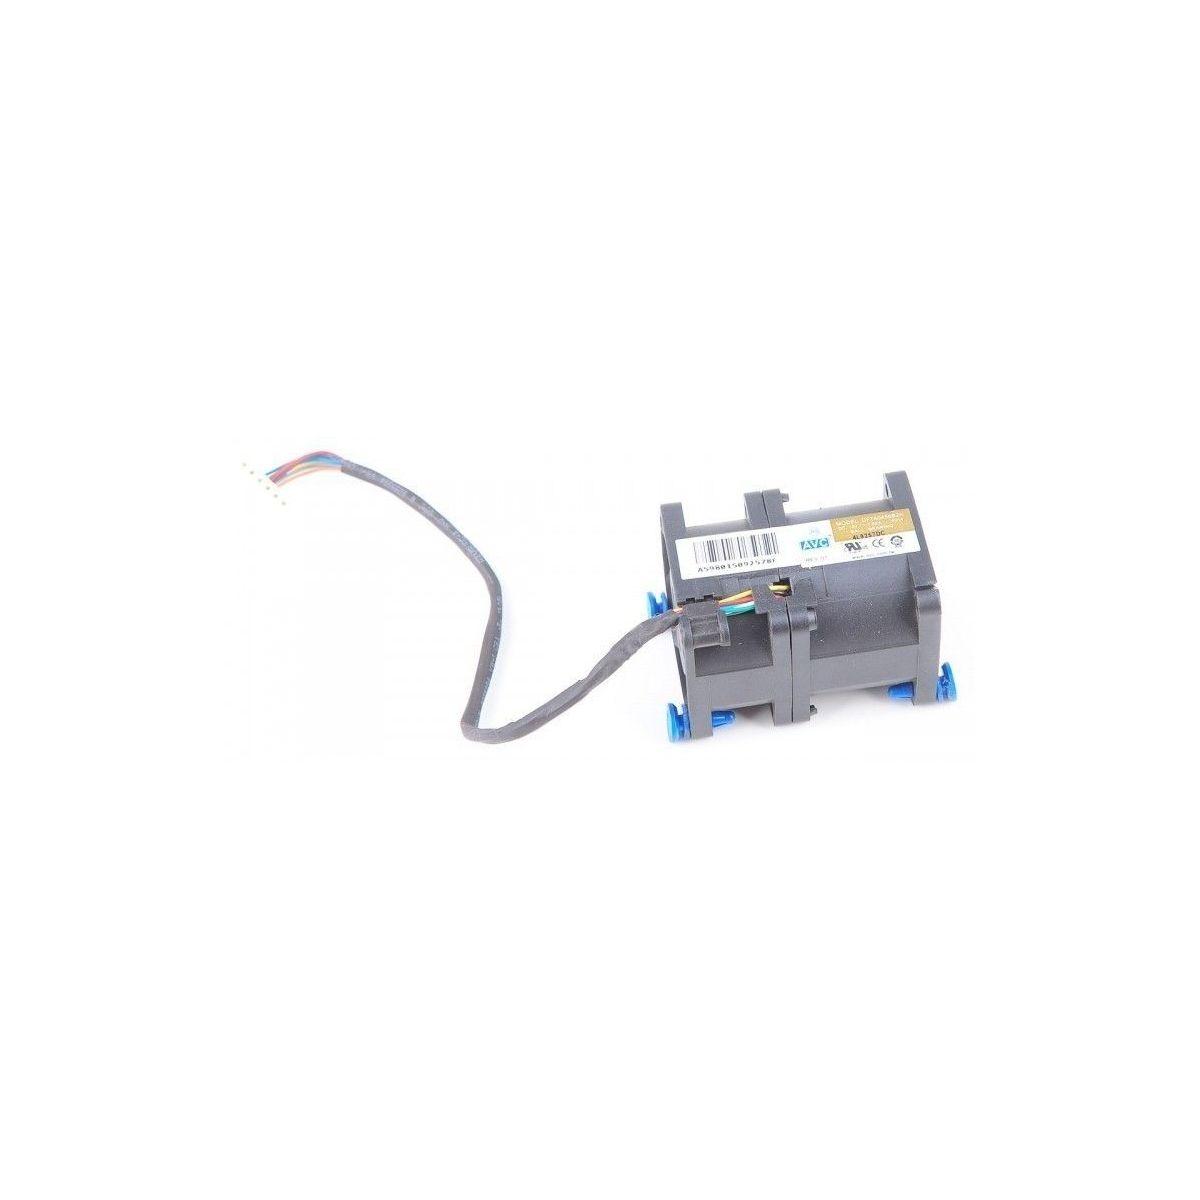 ProLiant DL120 G6- G7, DL160 G5p - G6 - G7, DL320 G5p - G6 - SE316M1 - DFTA0456B2H - 1 - Ventilator (Fan) - 68,54lei